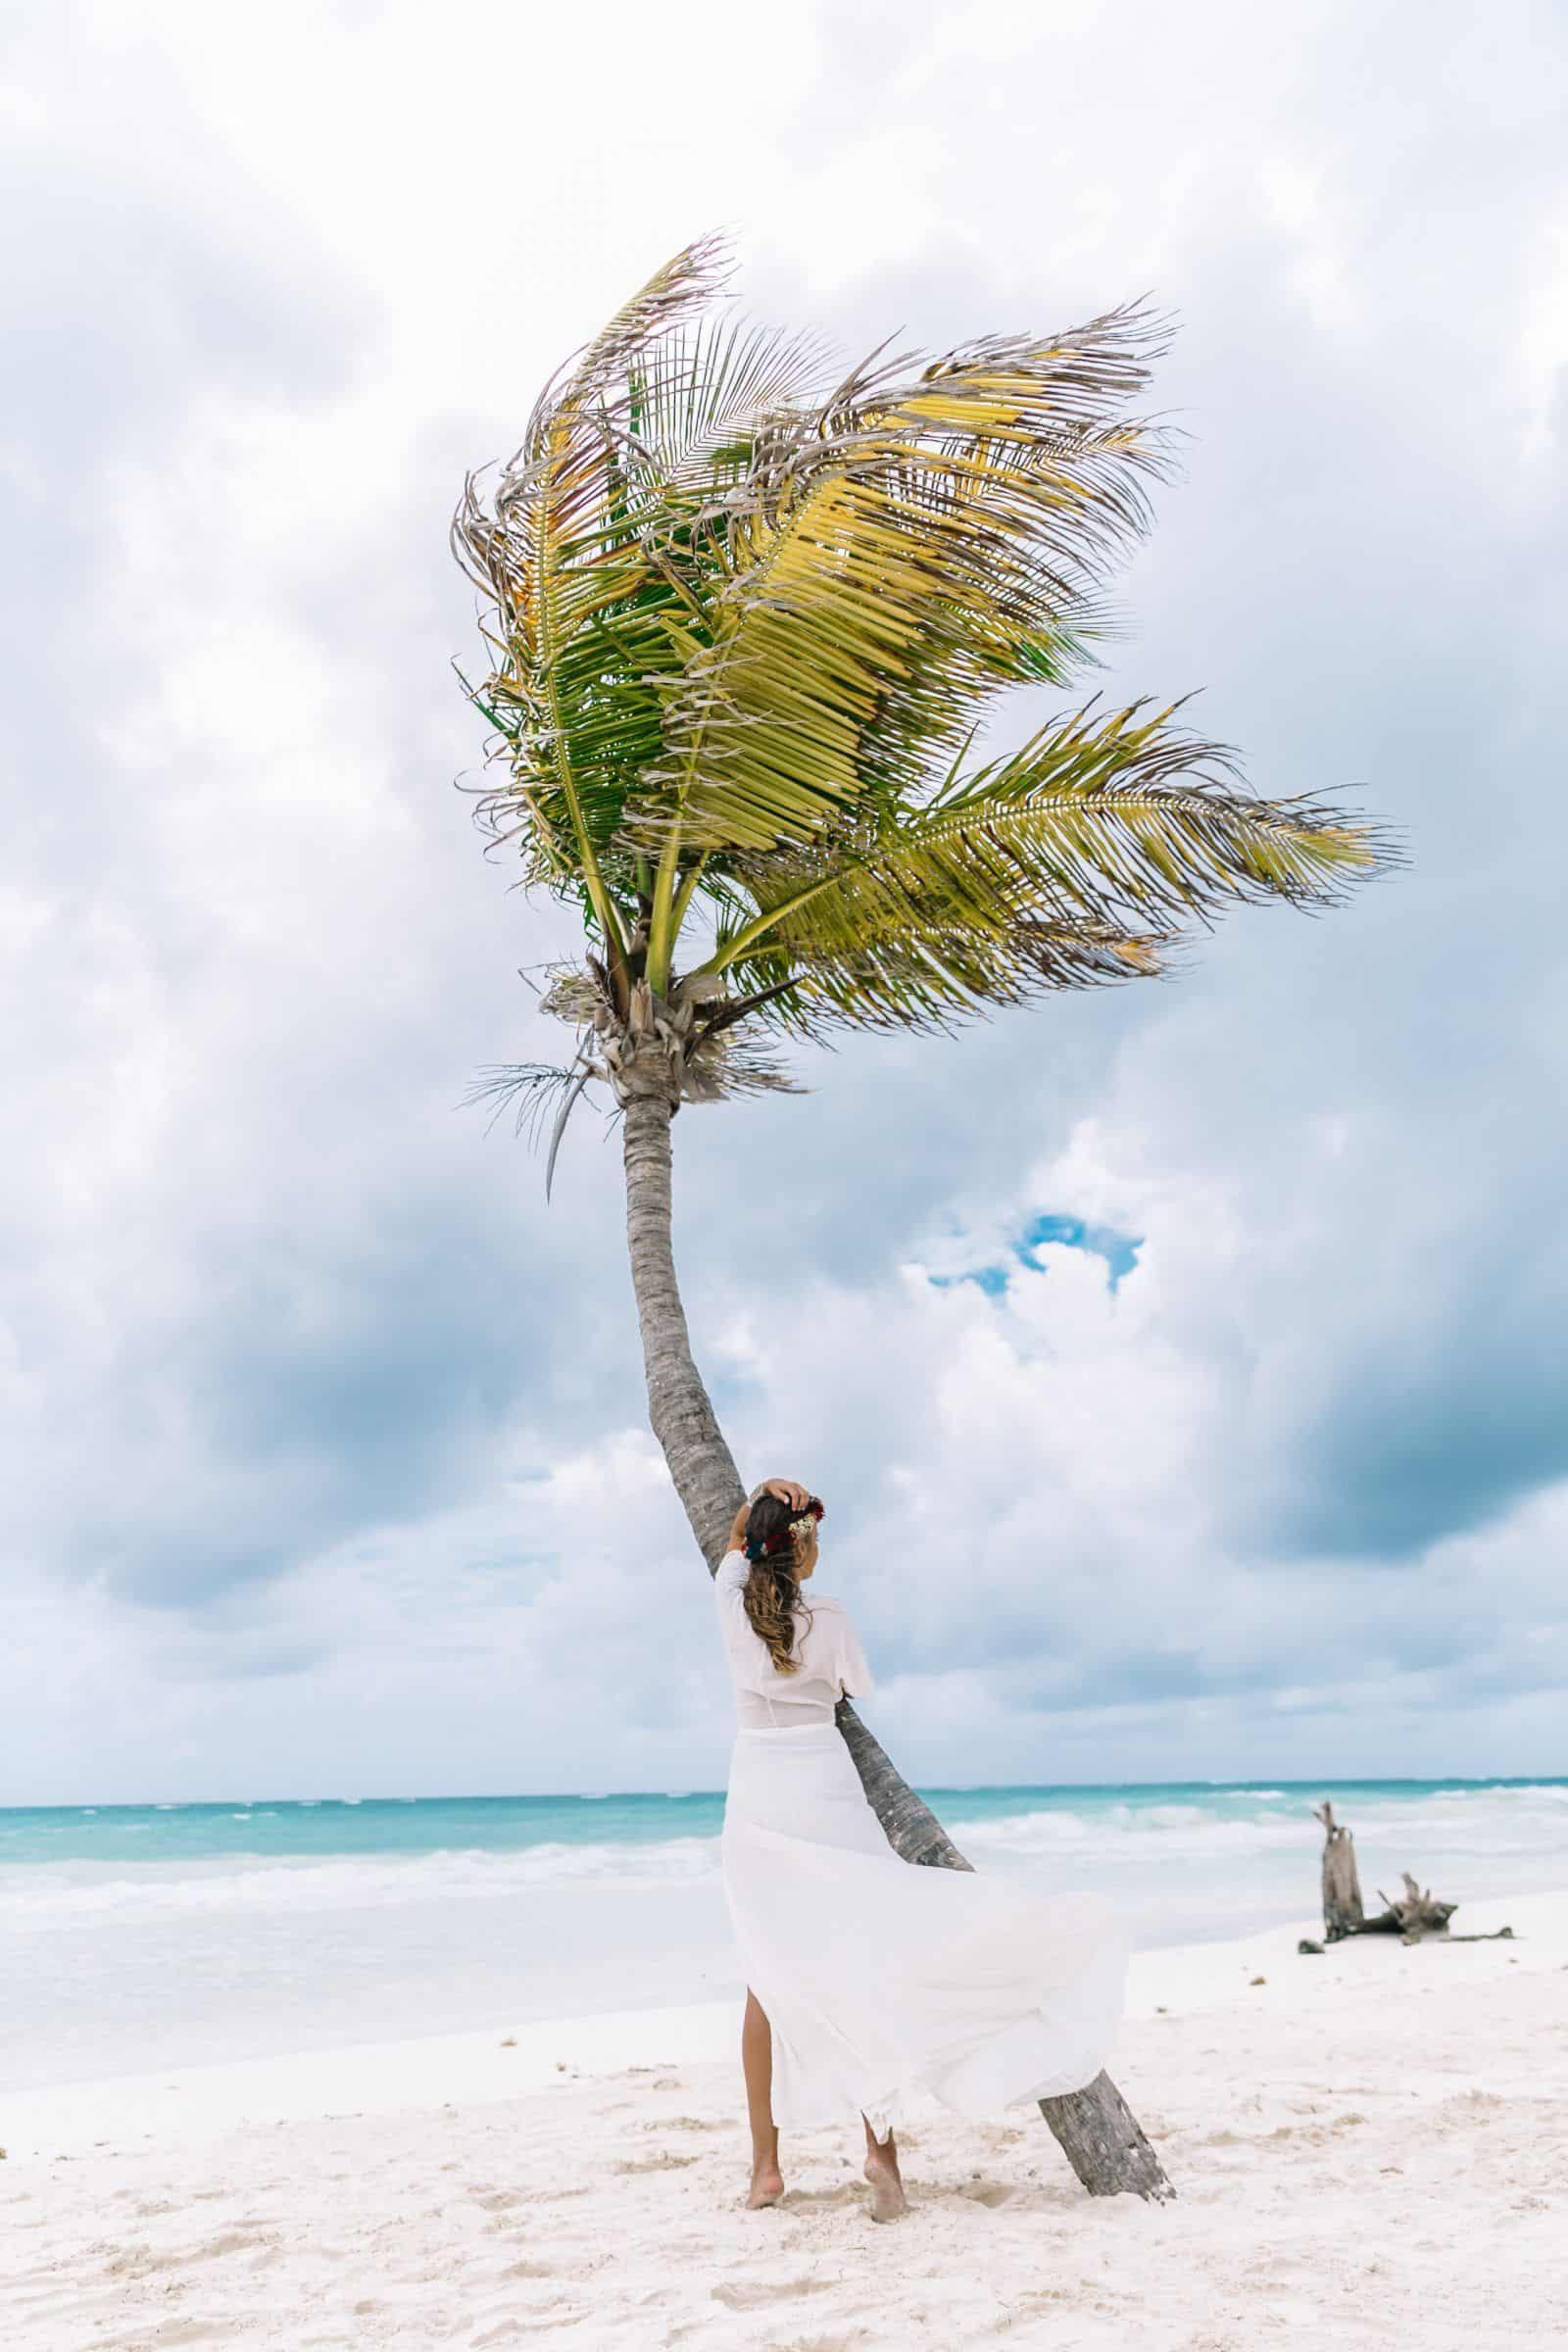 Protege tu cabello en la playa